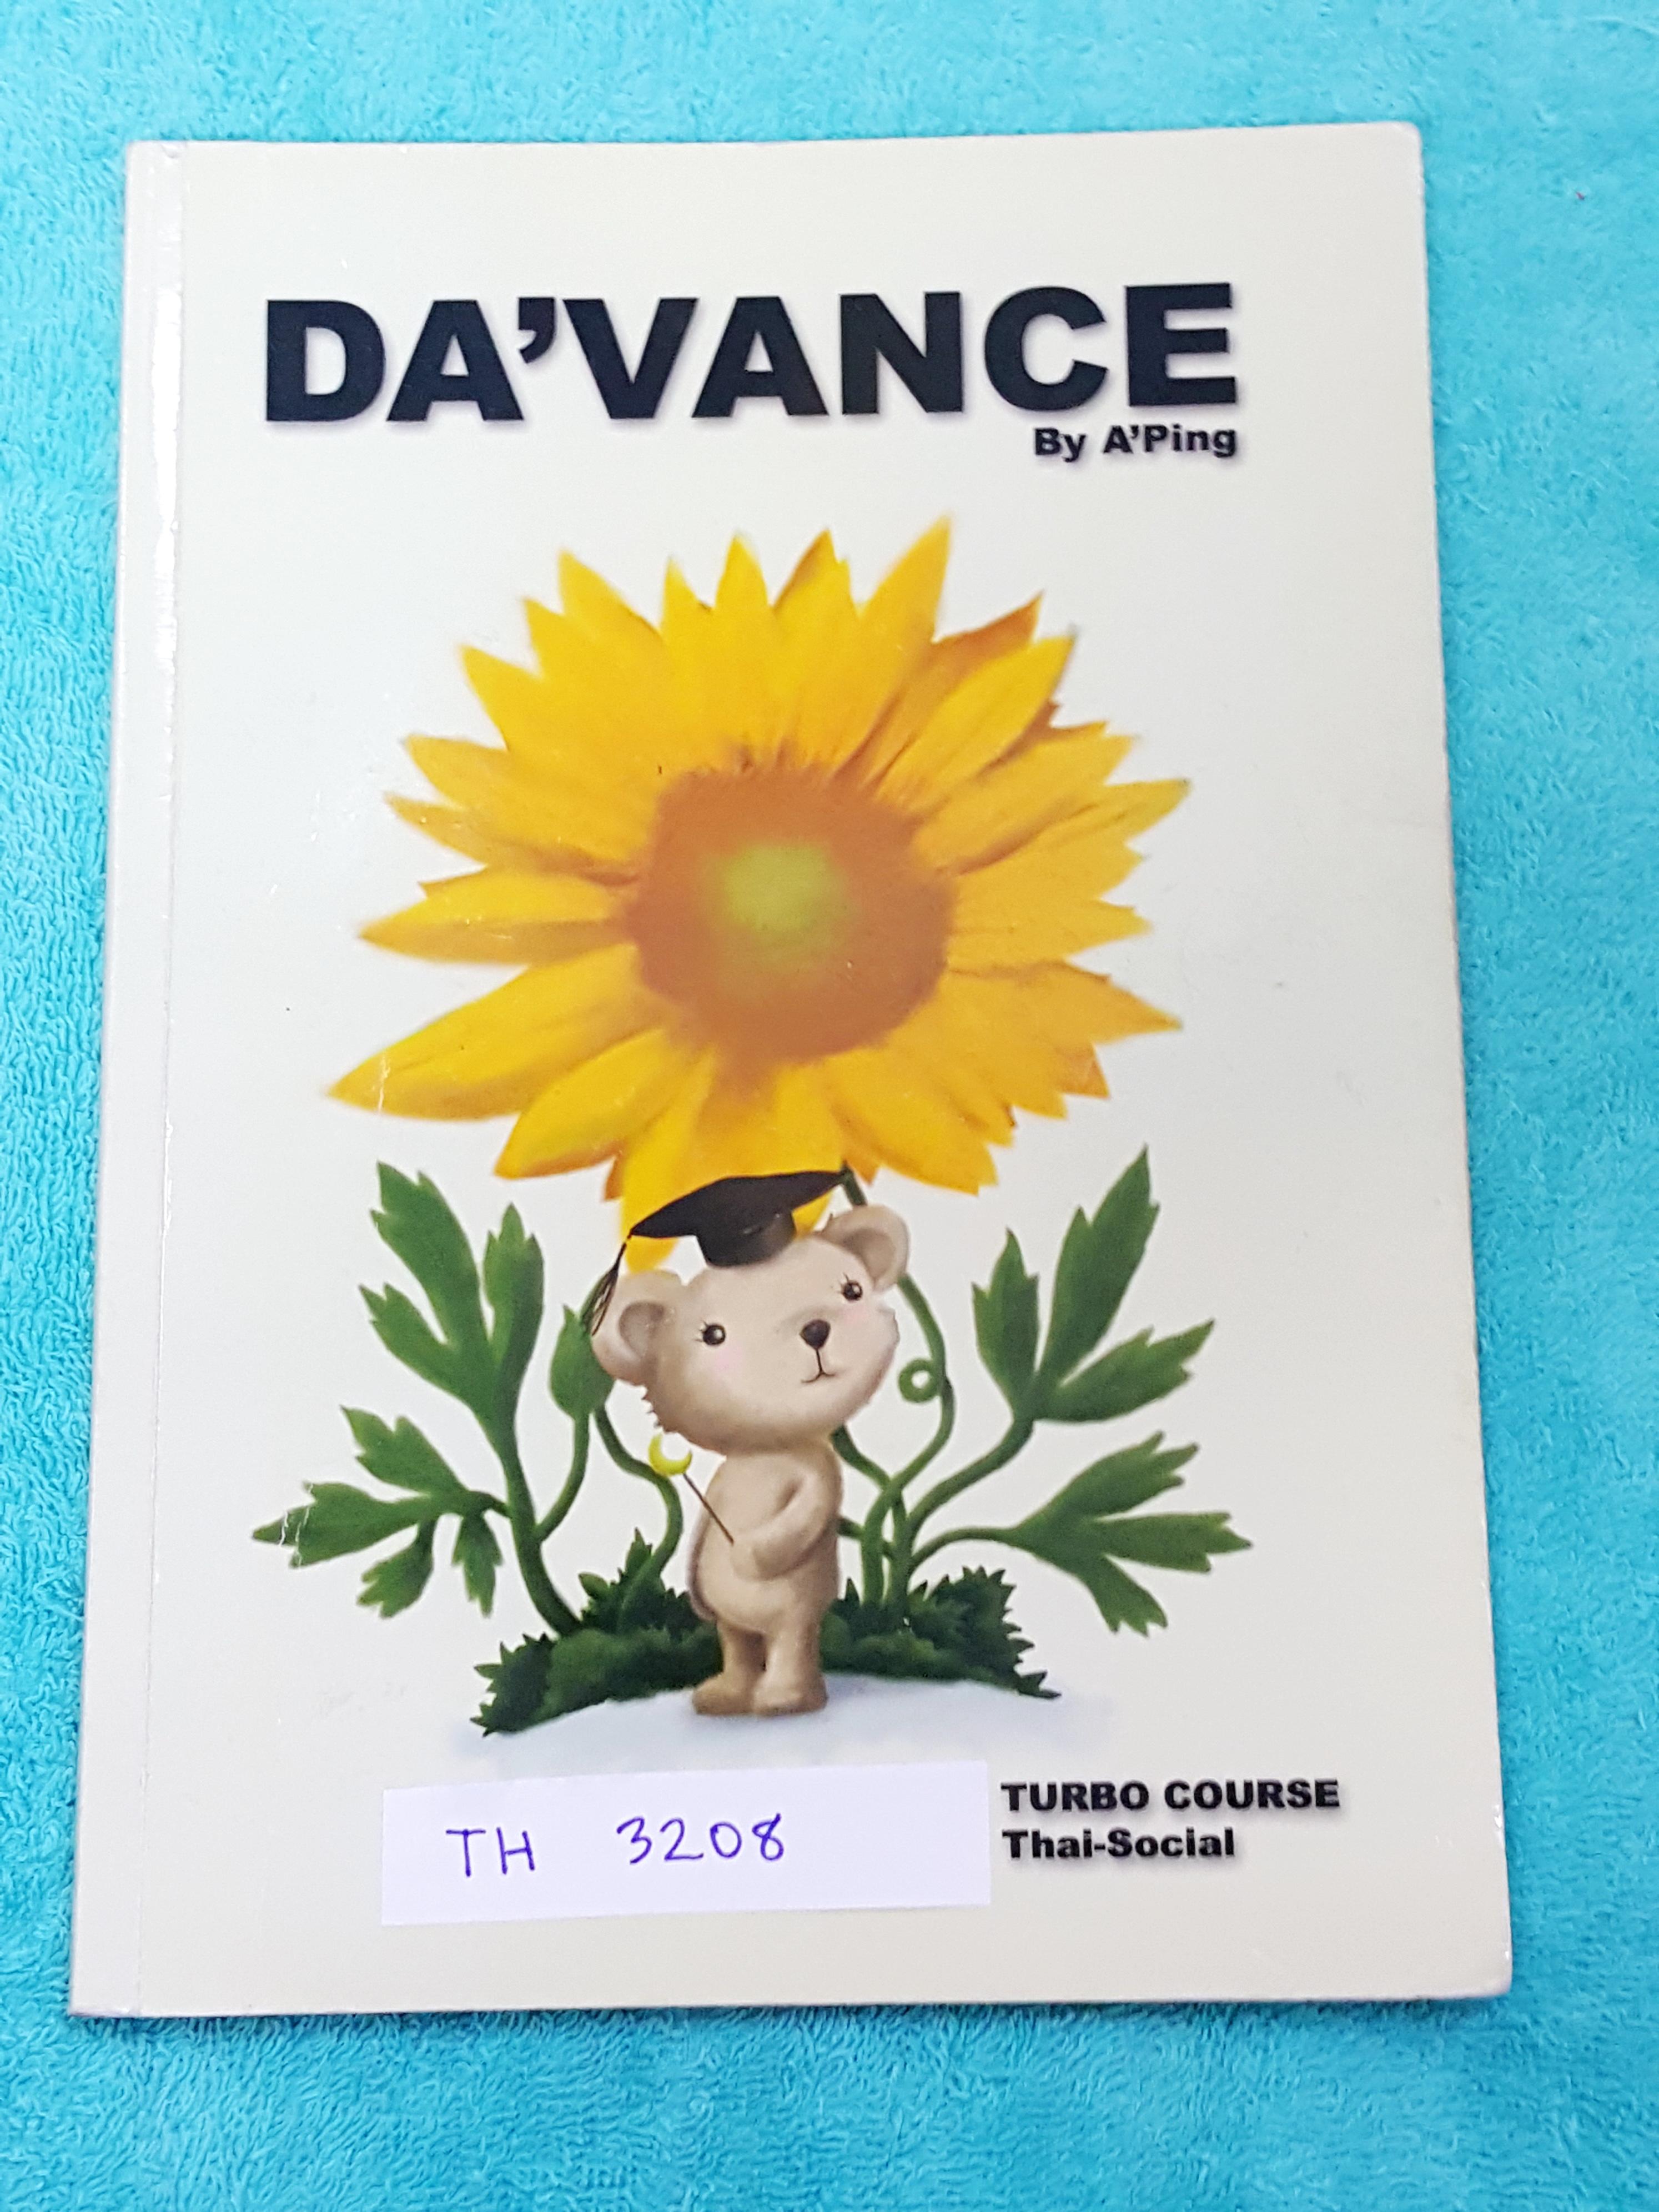 ►อ.ปิง ดาว้อง◄ TH 3208 คอร์สเทอร์โบไทย + สังคม เล่มหนังสือเรียน สรุปเนื้อหาวิชาภาษาไทย สังคมทั้งหมดของ ม.ปลาย จดครบทั้งเล่ม จดละเอียดมาก จดสีสัน มีจดโน้ตจุดที่ห้ามคิดเกินกว่าที่โจทย์ให้มา อ.ปิงสรุปเนื้อหากระชับ อ่านเข้าใจง่ายทั้งเล่ม